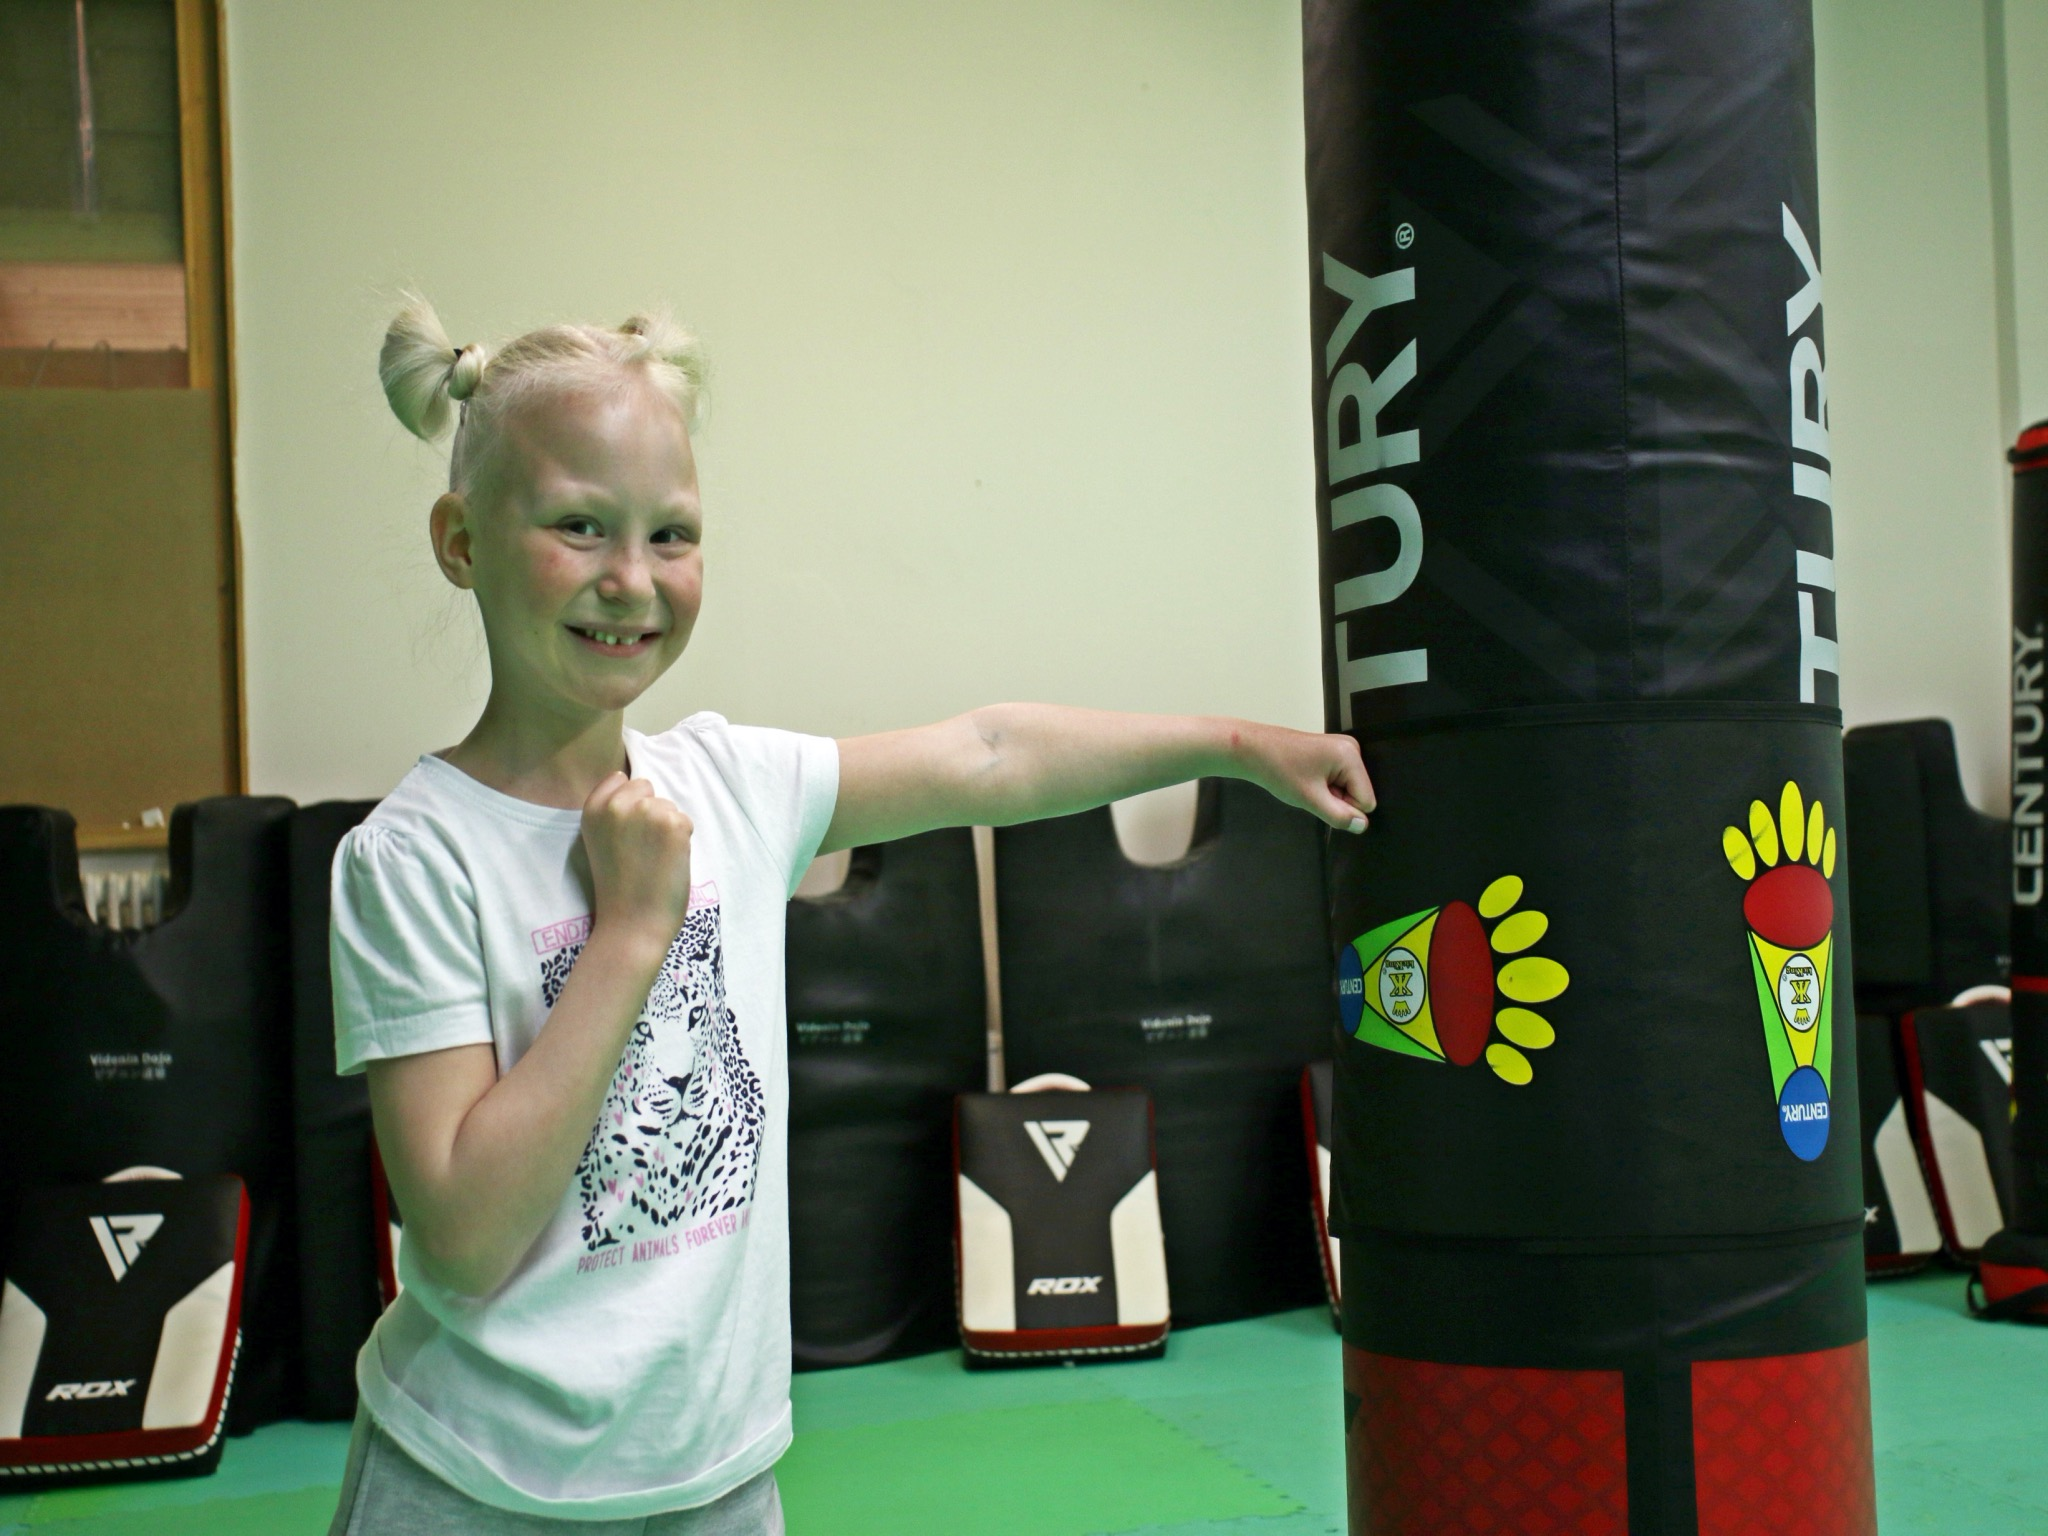 Die kleine Kämpferin Mia. Foto: Bundesverband Deutsche Kindertafel e.V